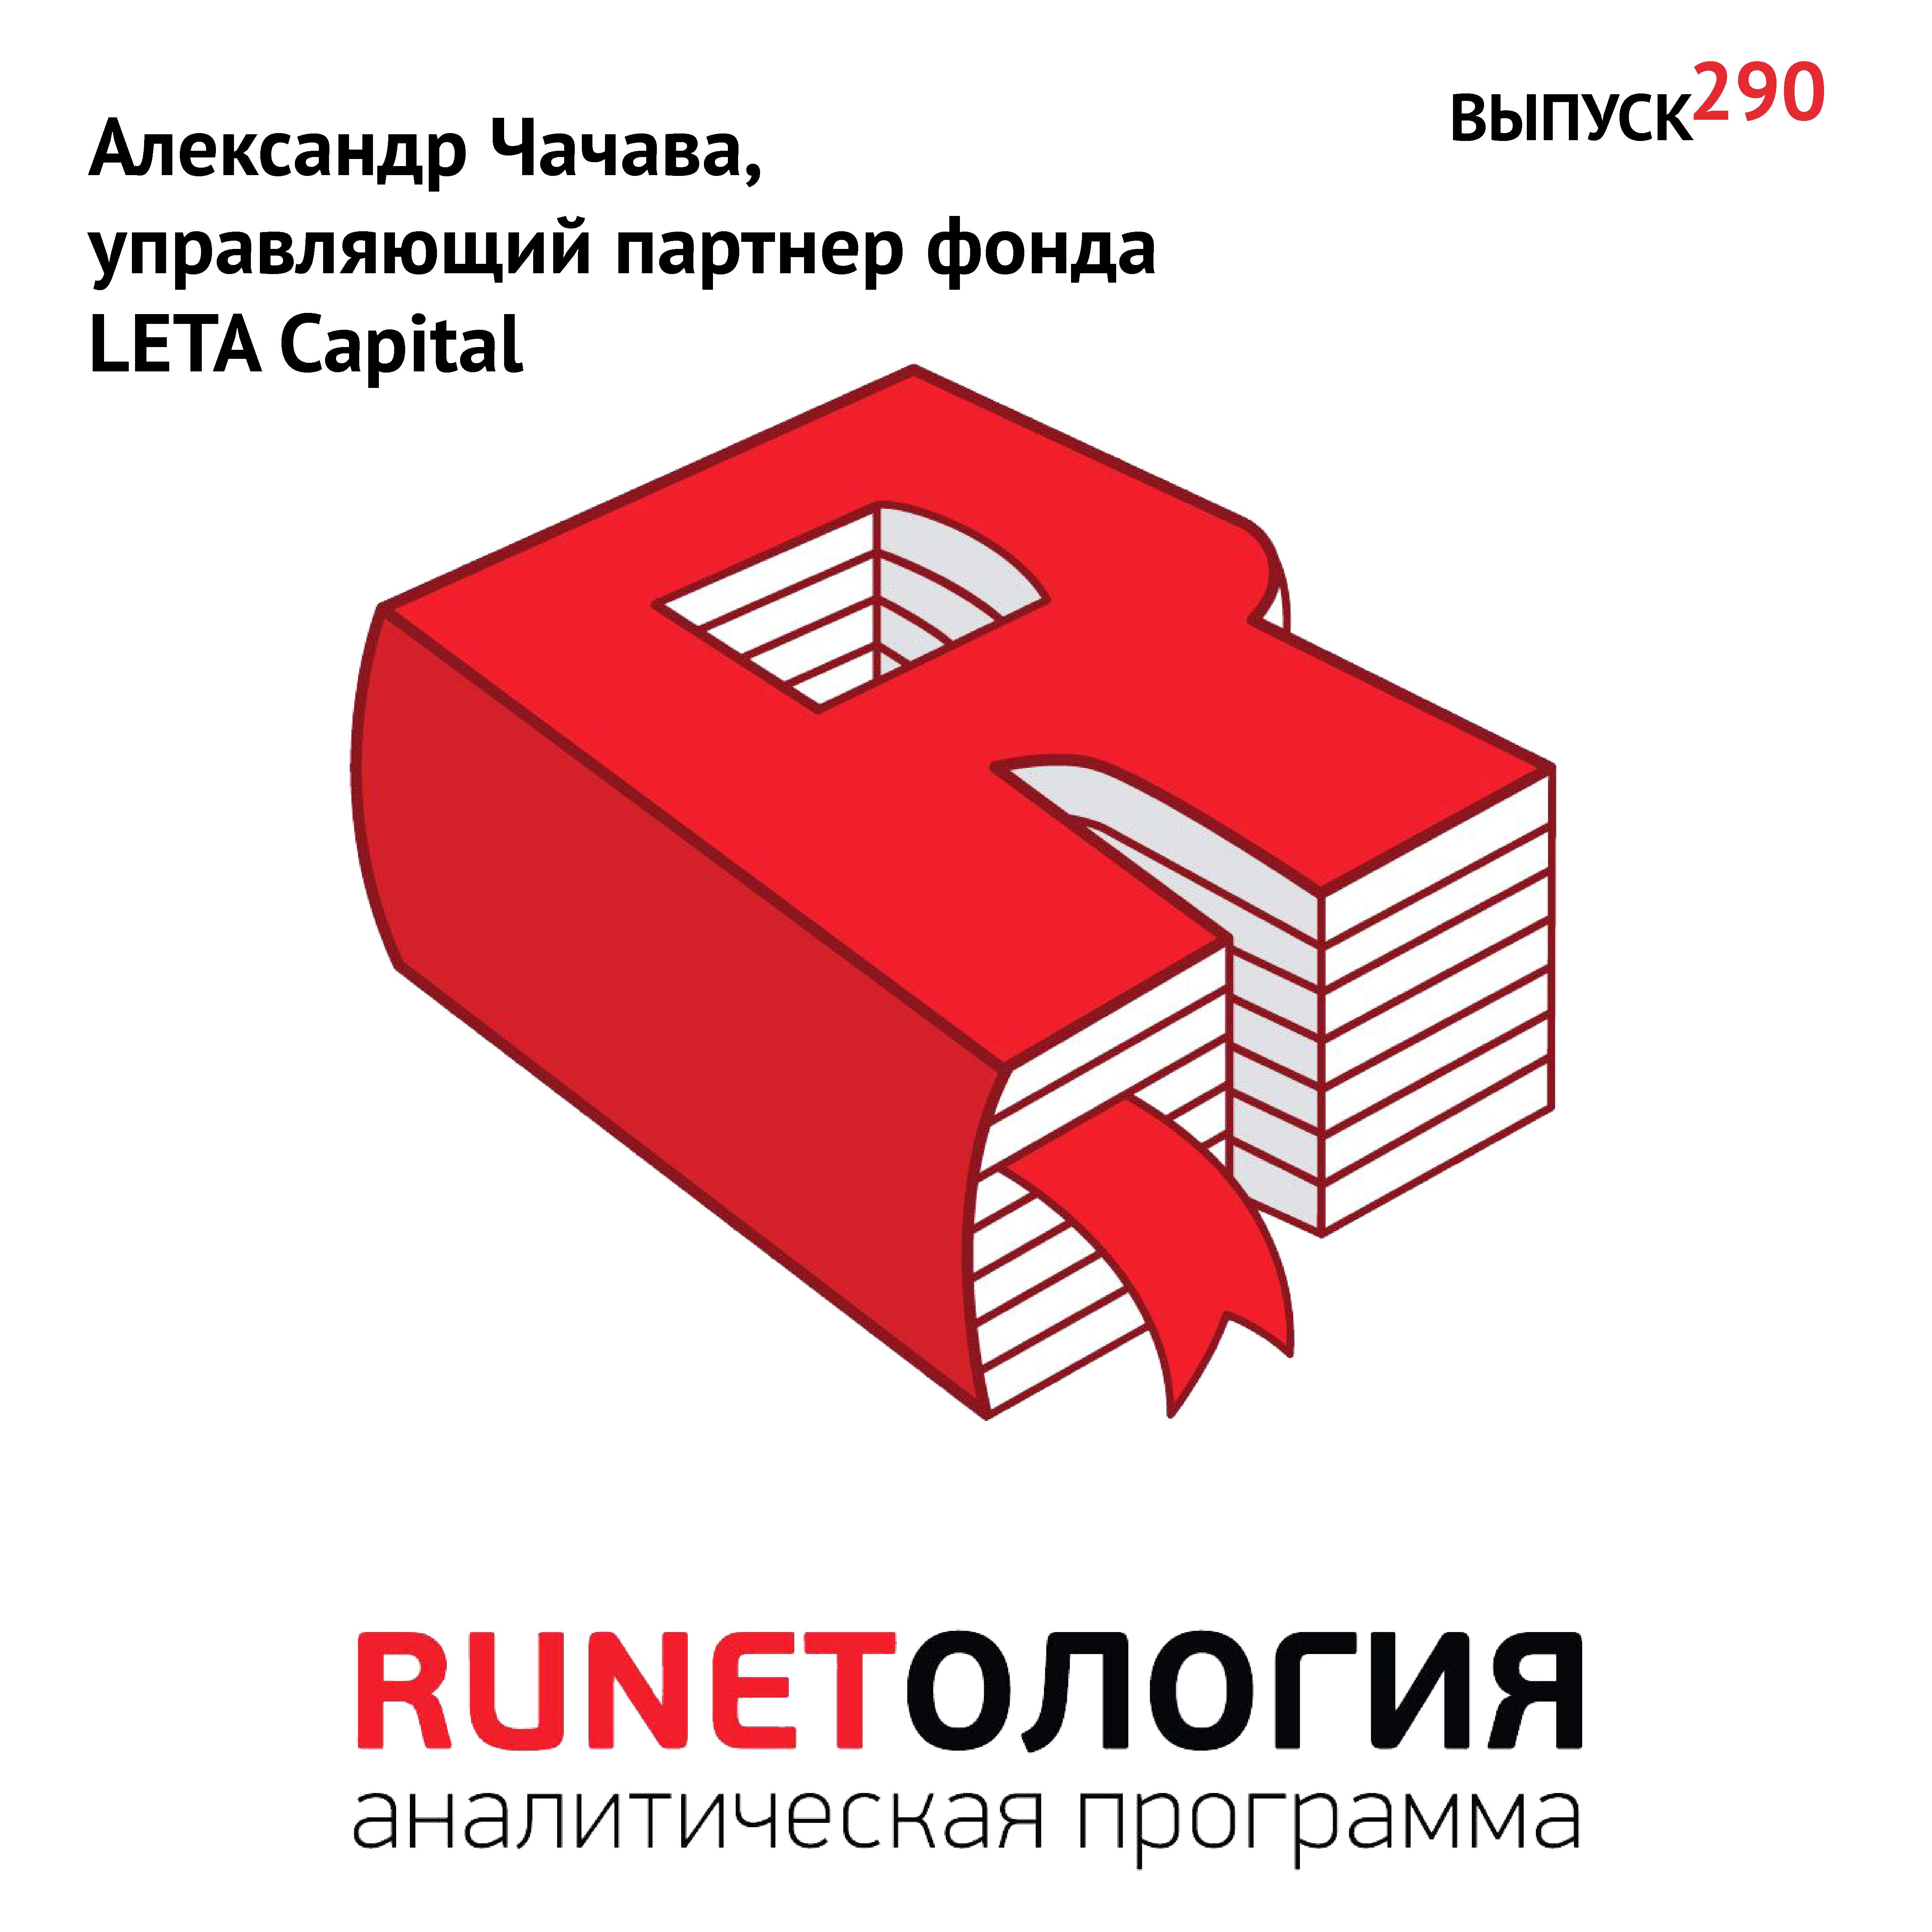 Максим Спиридонов Александр Чачава, управляющий партнер фонда LETA Capital